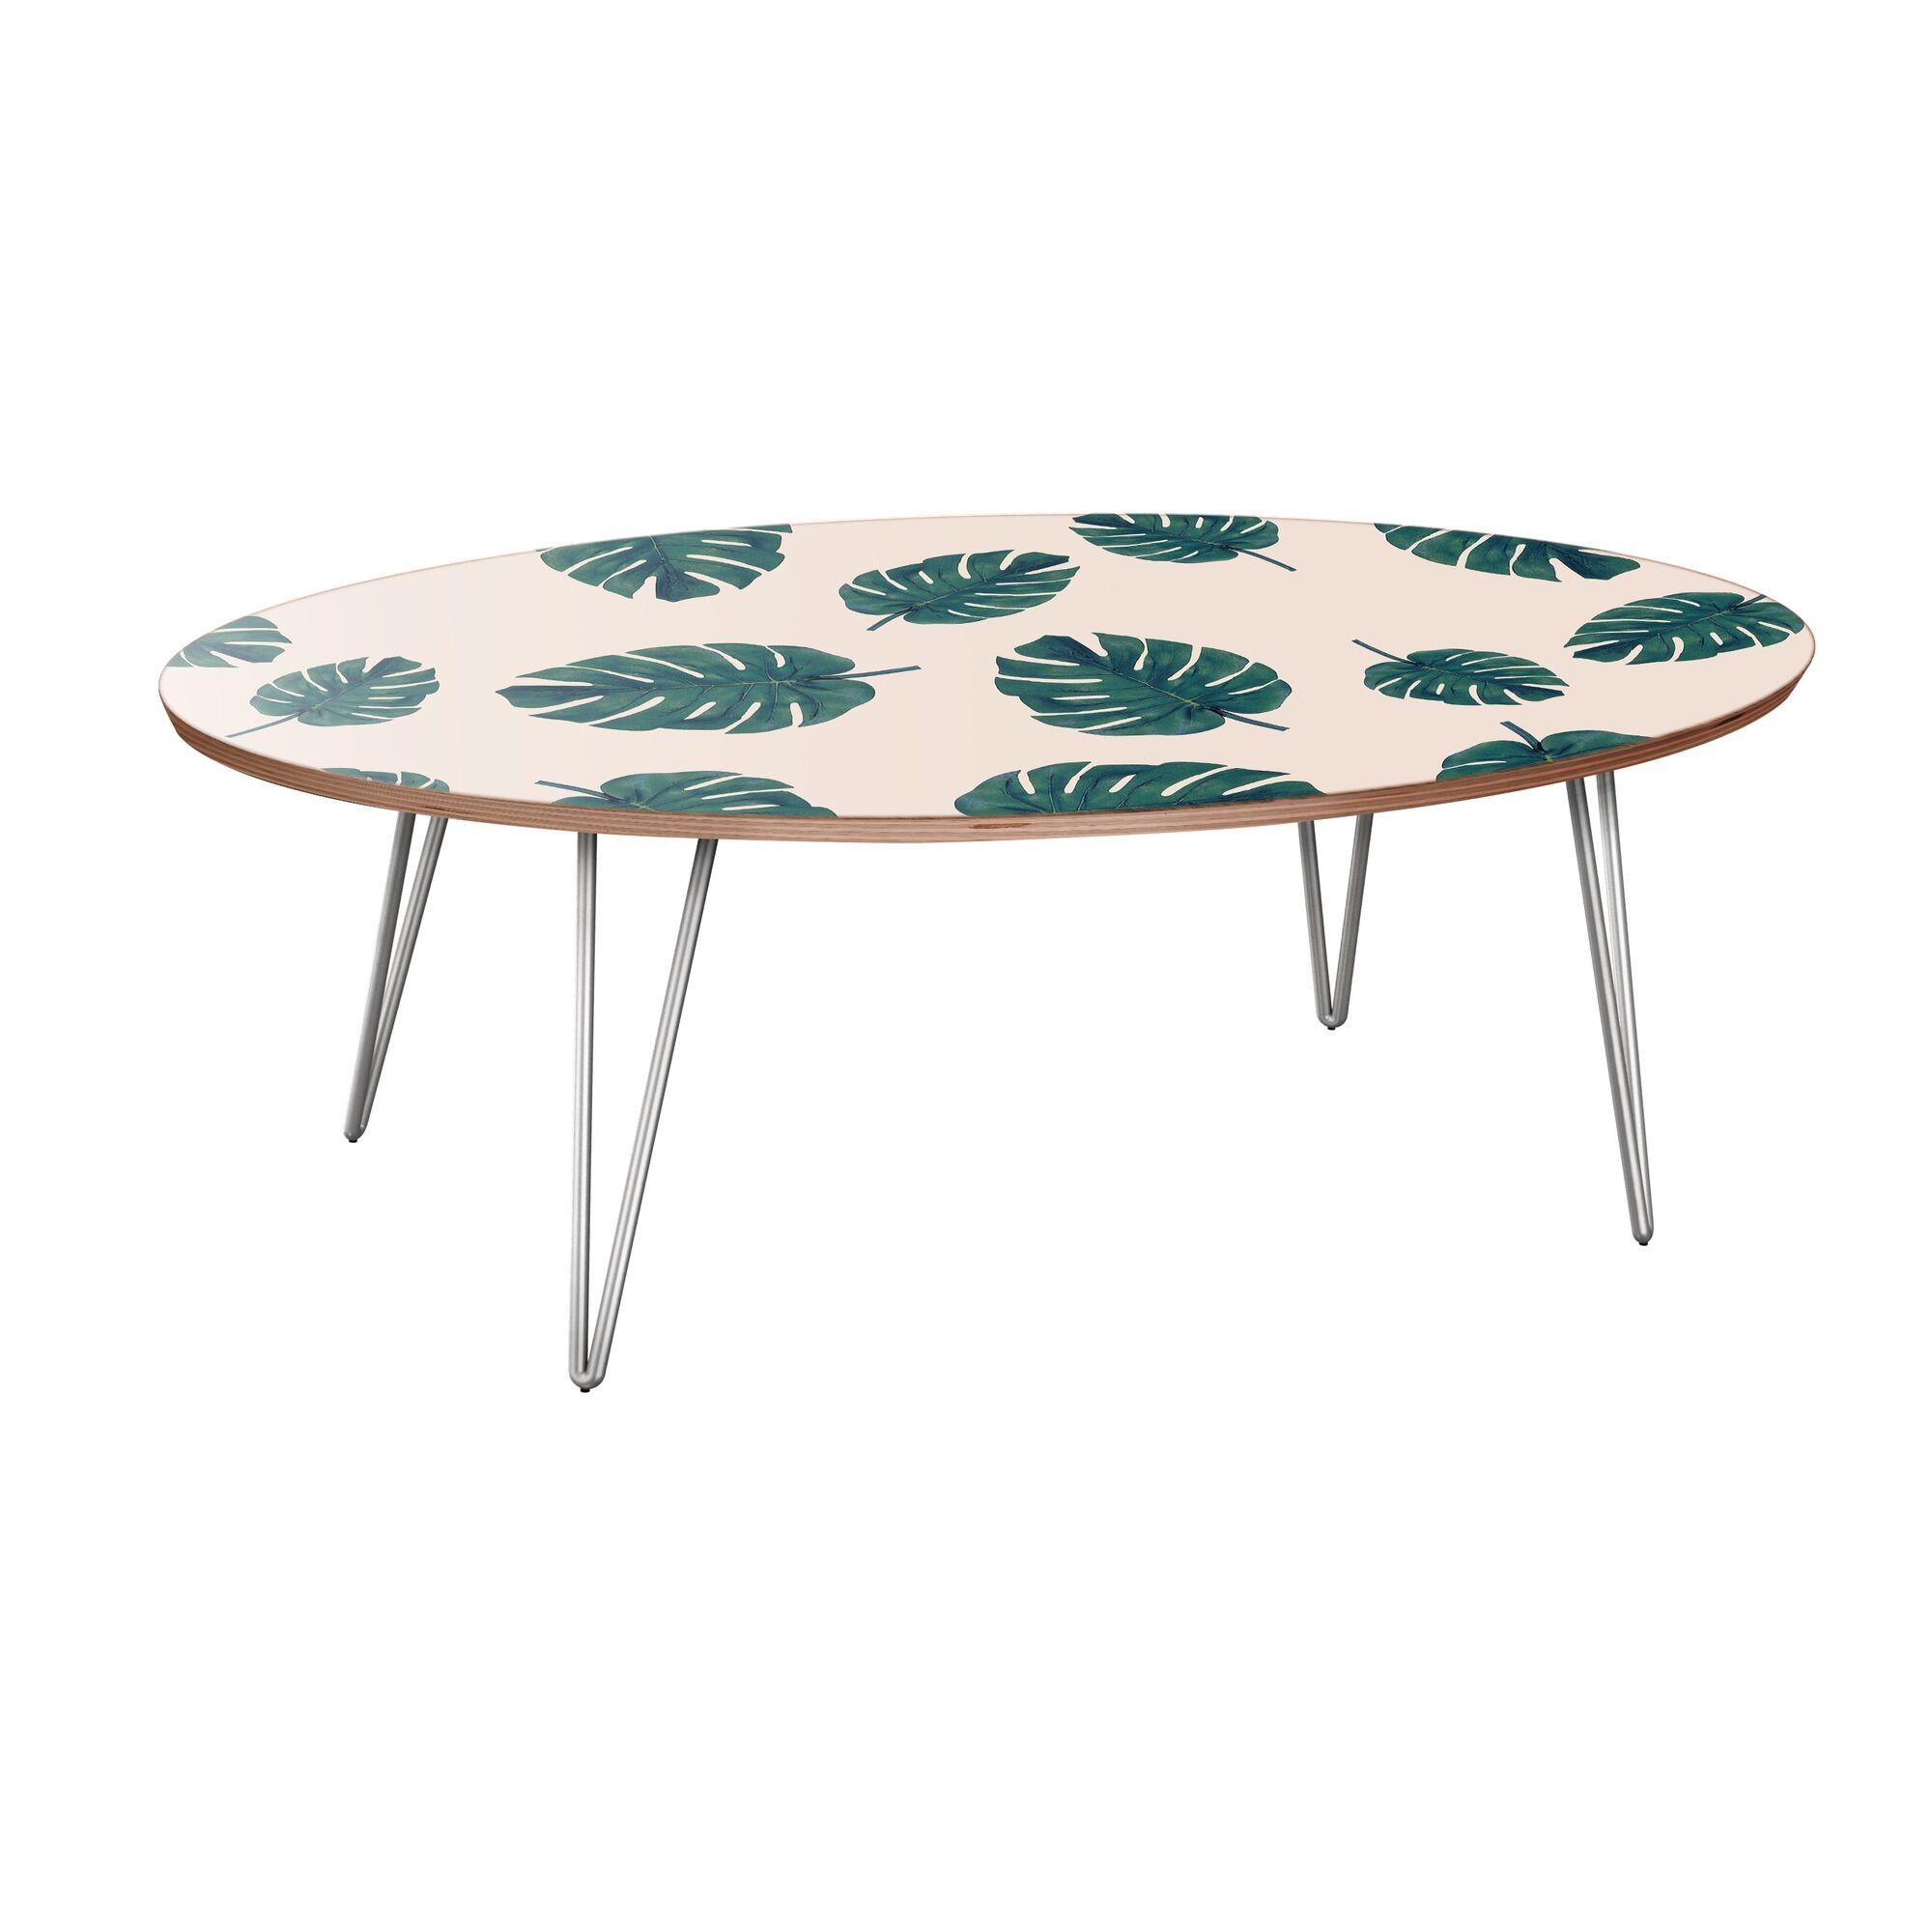 Riccio Coffee Table Table Base Color: Chrome, Table Top Color: Walnut